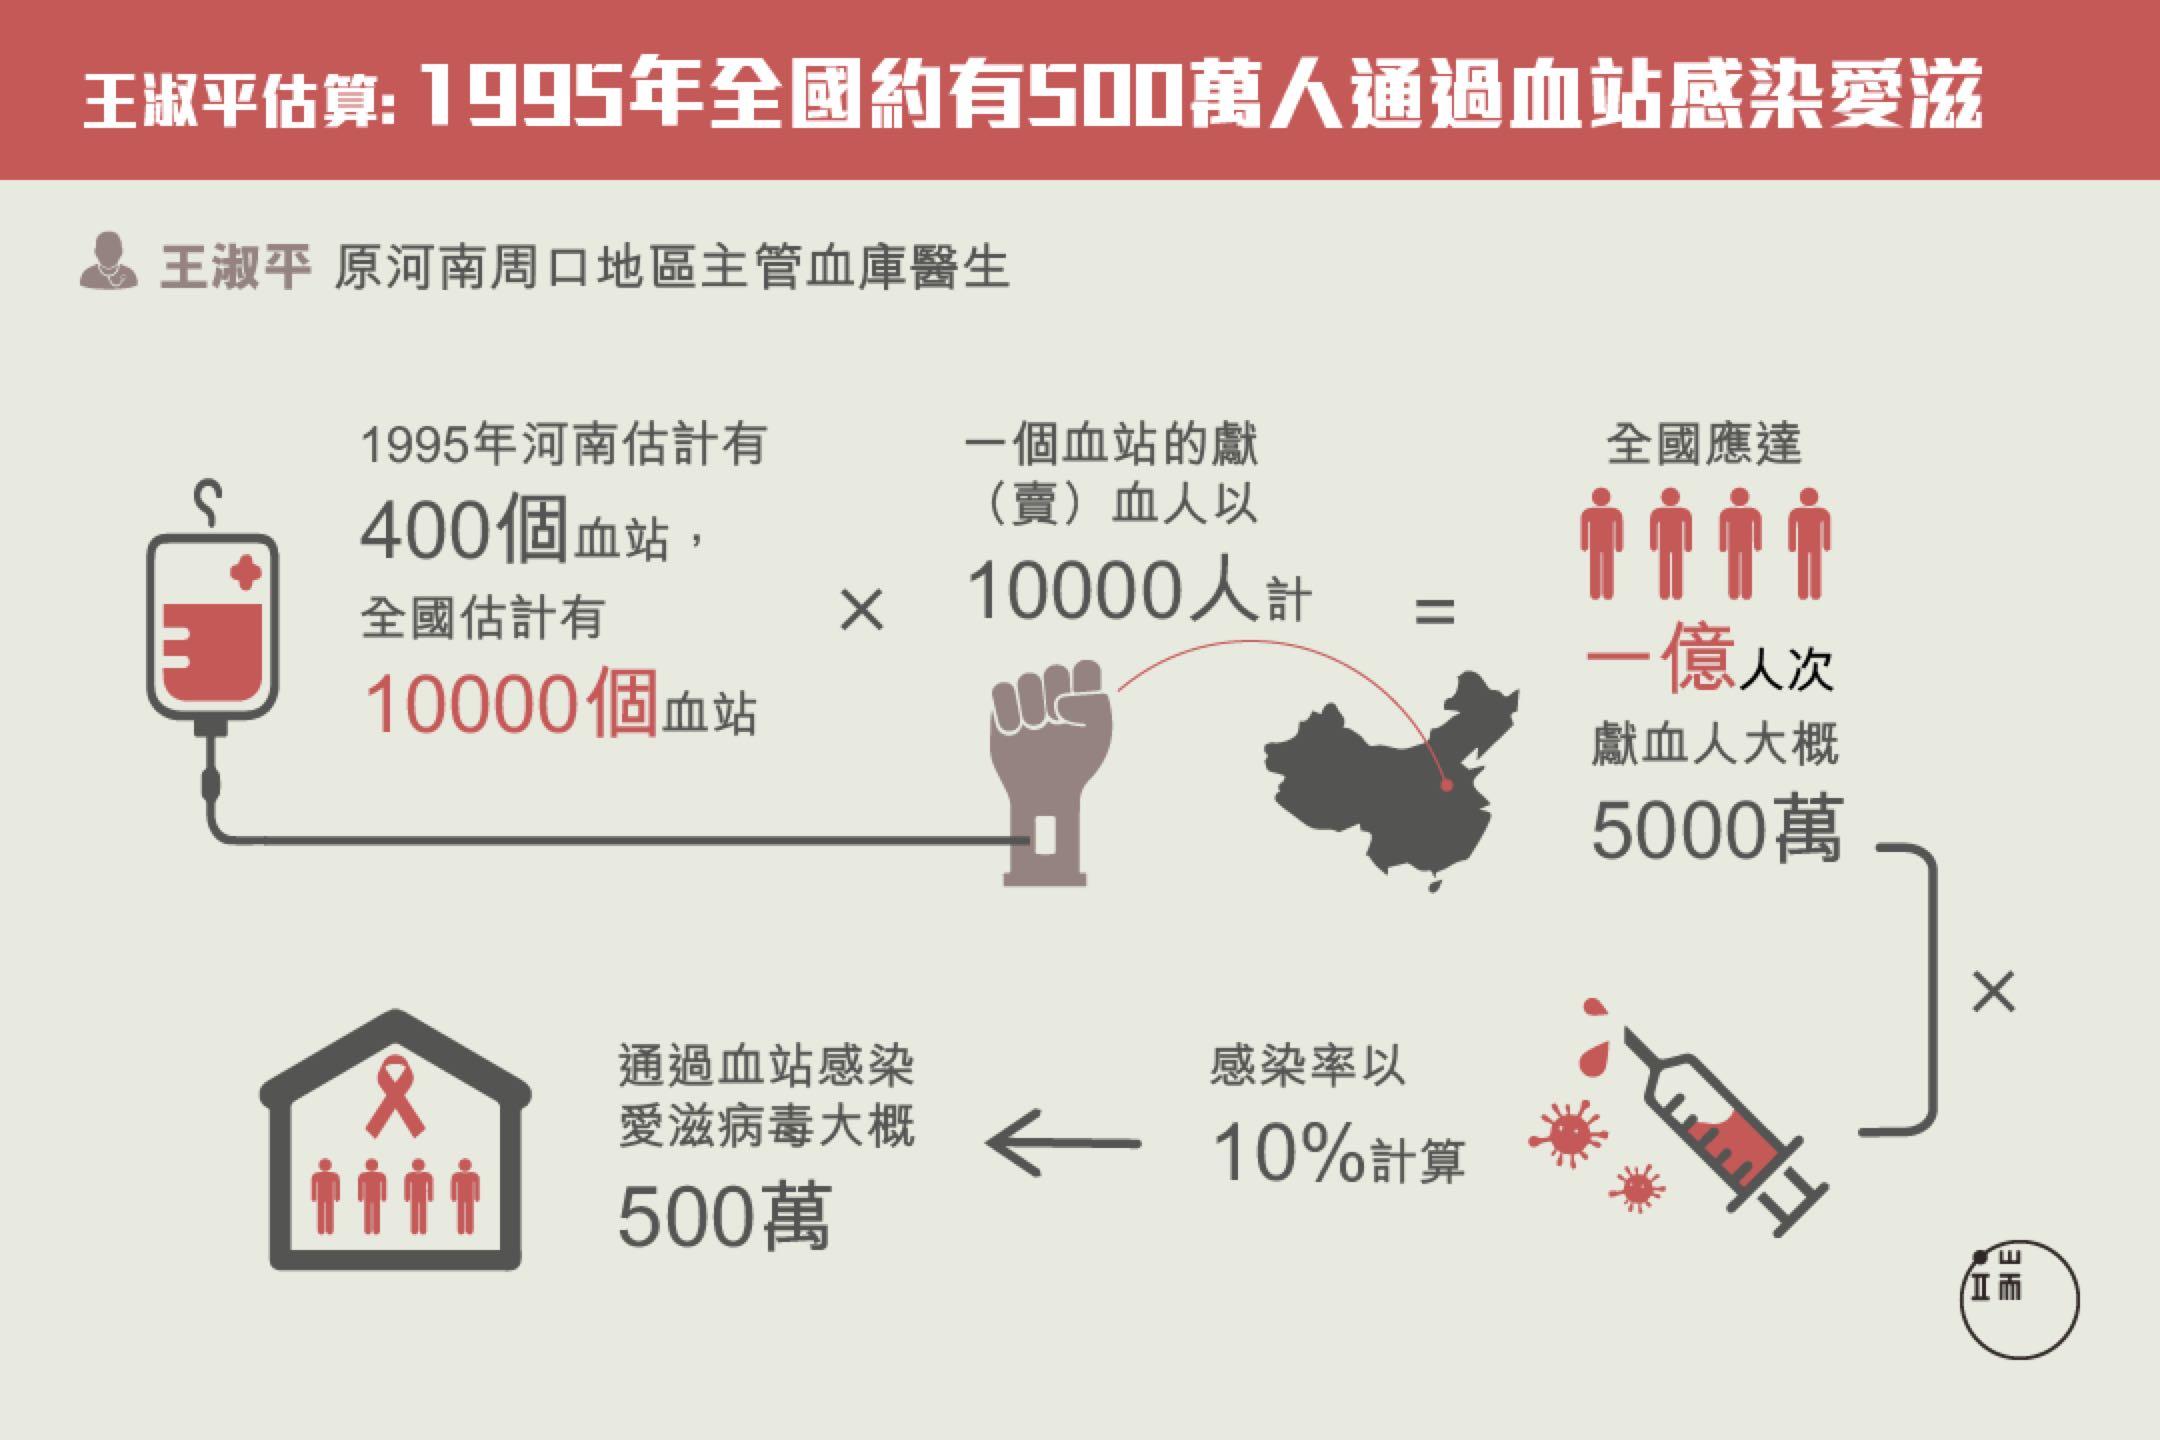 20多年前,河南醫生王淑平已就「血漿經濟」引發的愛滋病禍作出調研,但問題至今被否定、掩蓋。